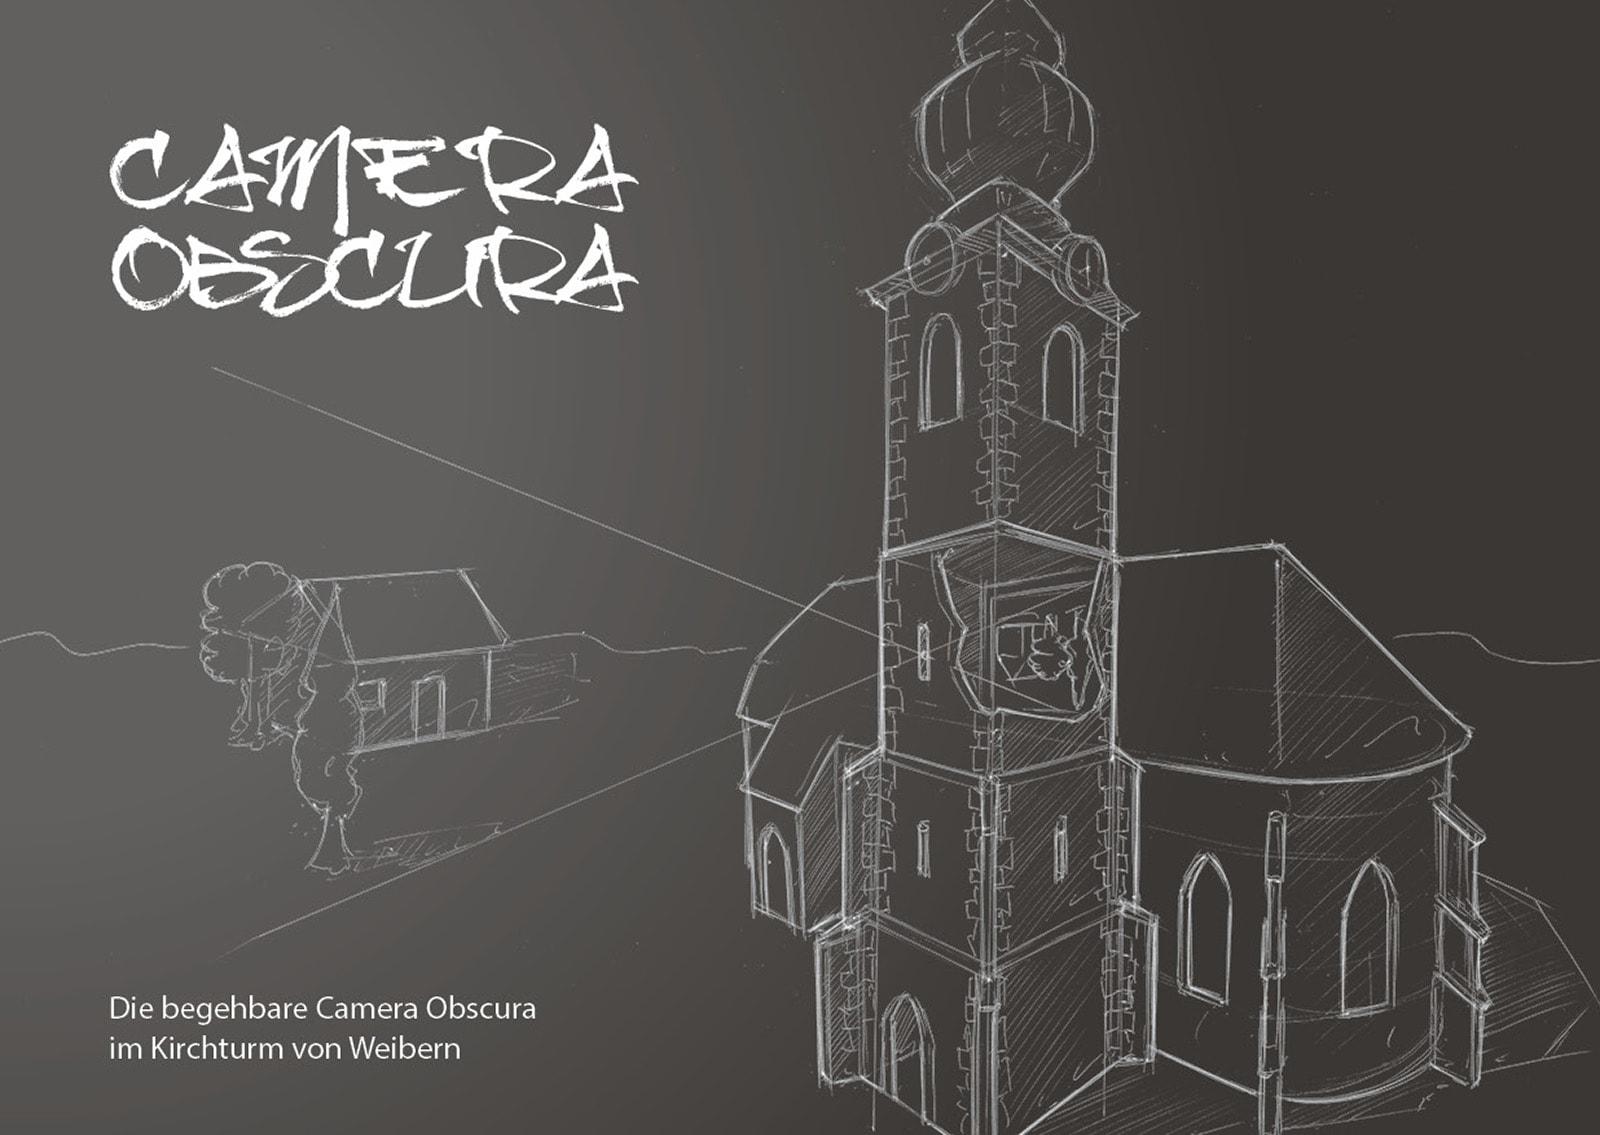 Camera Obscura im Kirchturm von Weibern